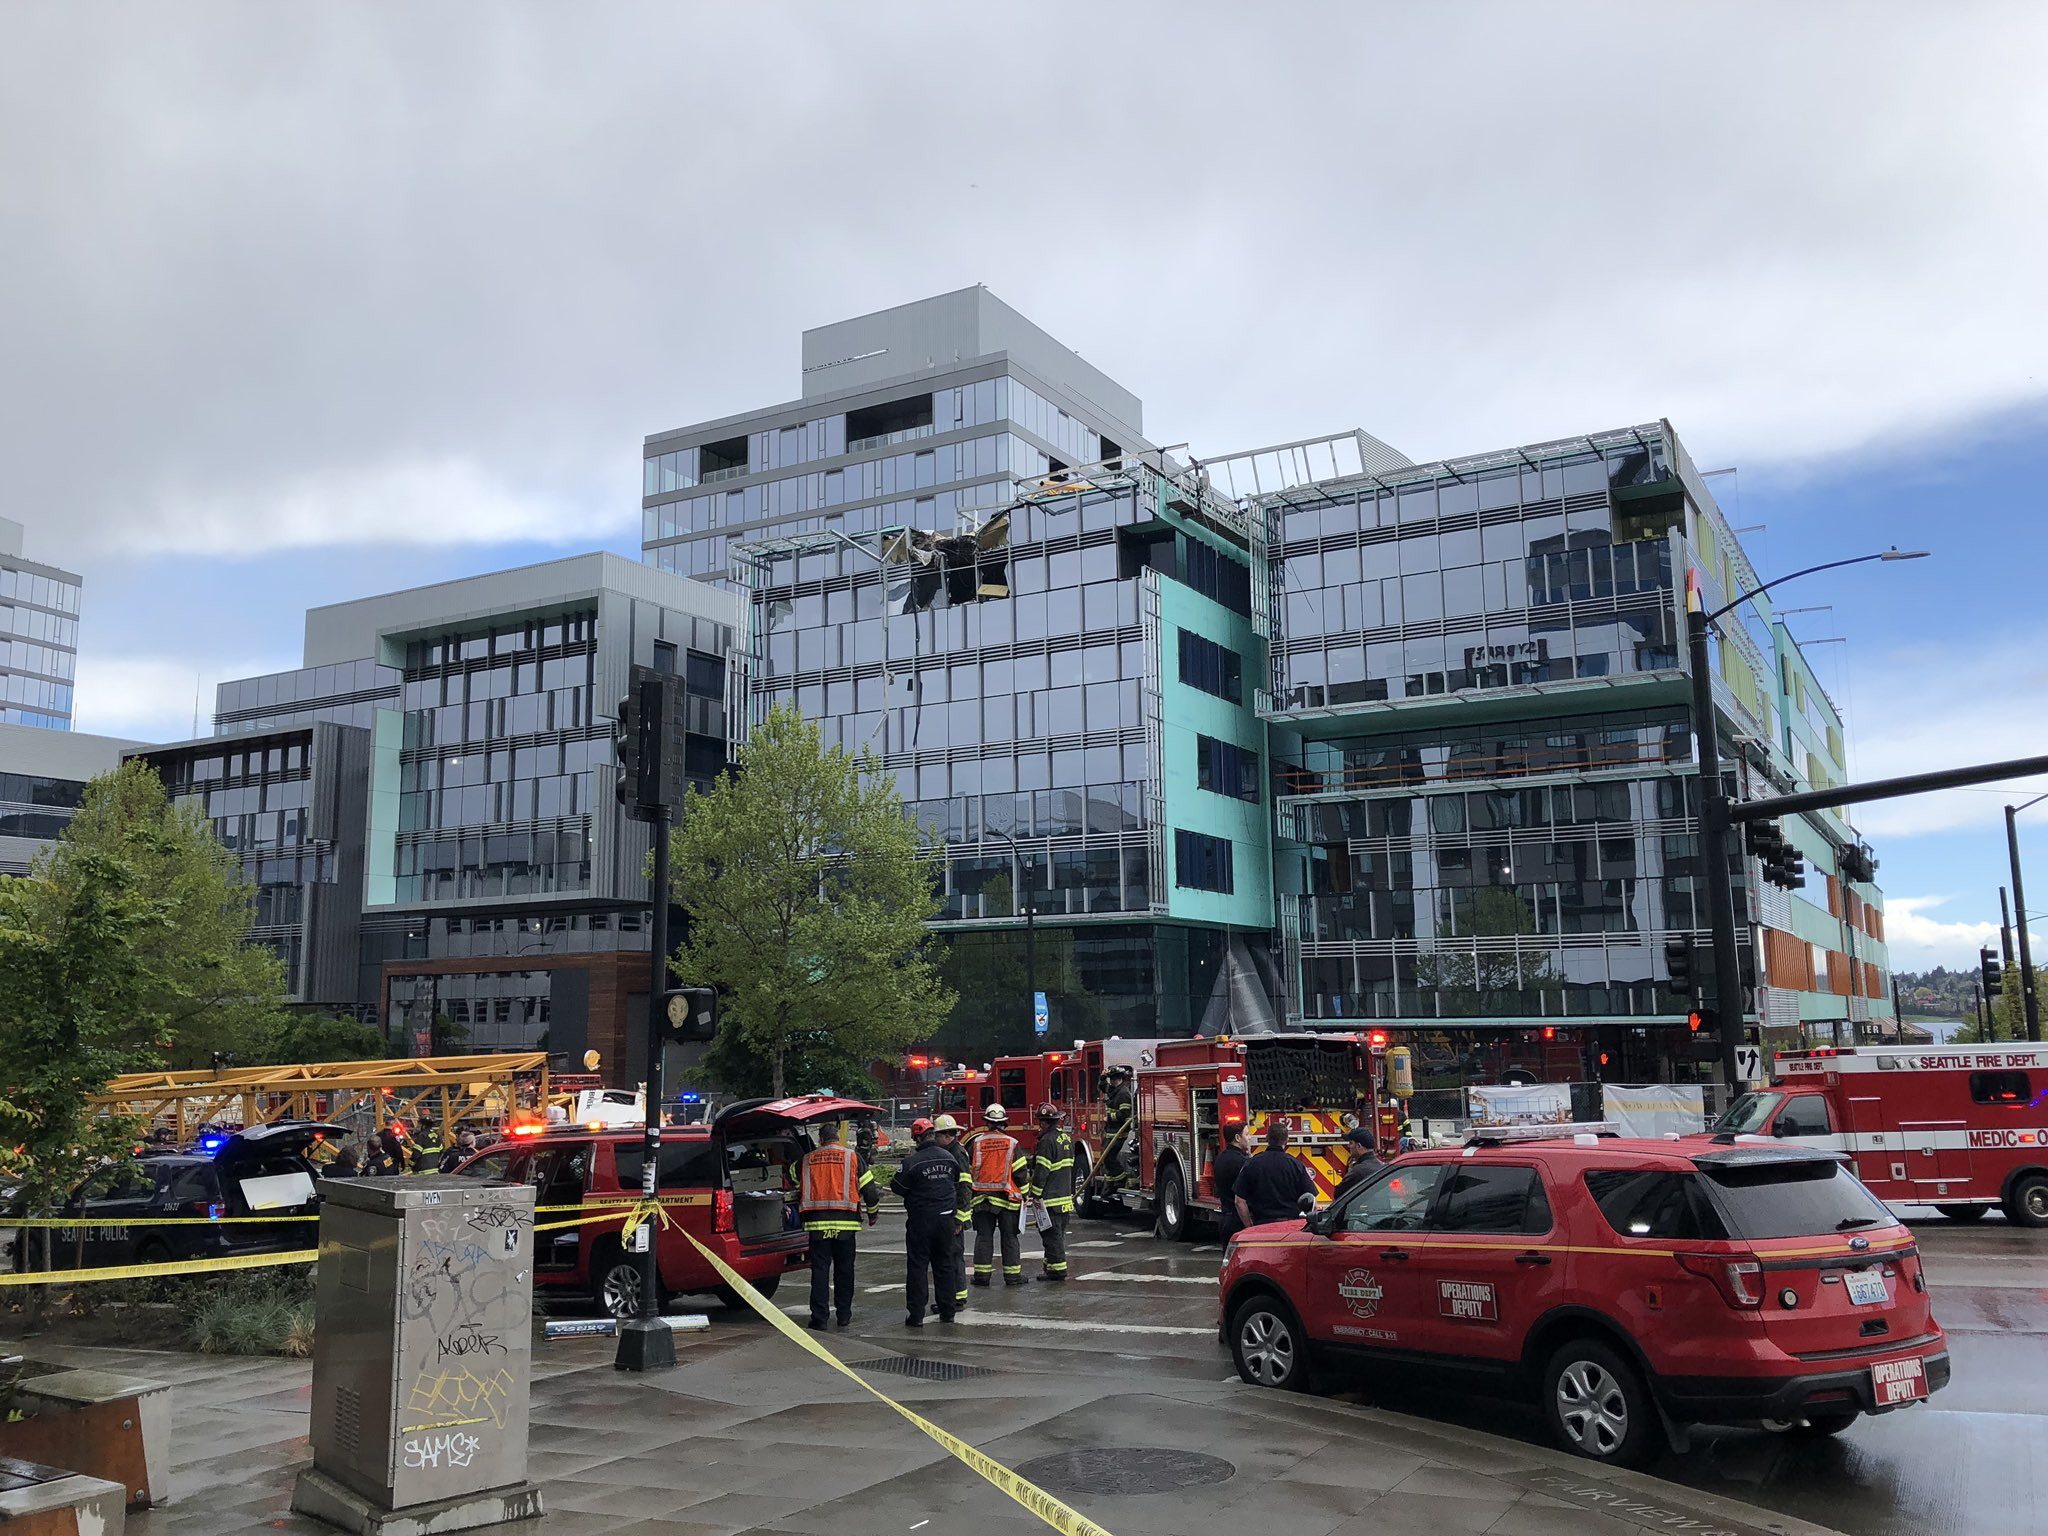 В США на больницу рухнул строительный кран: есть жертвы